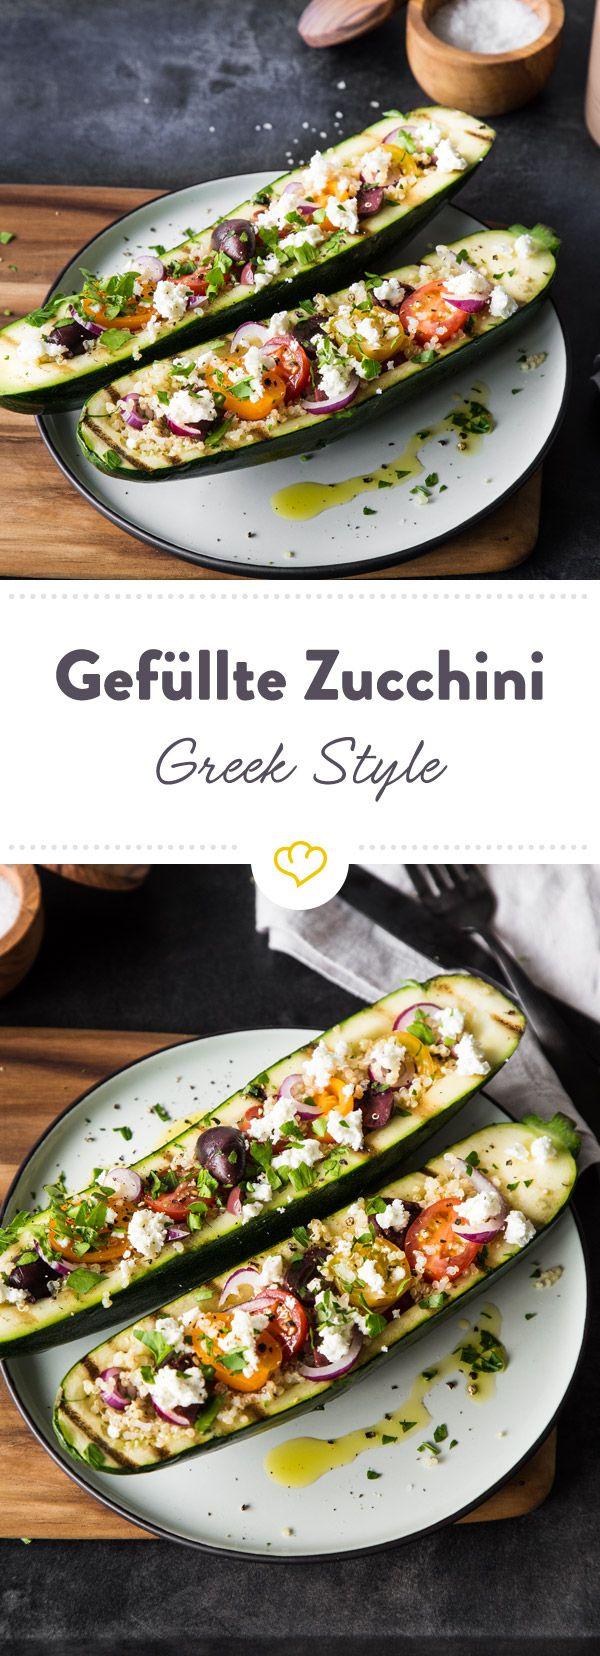 Gefüllte Zucchini mit Quinoa – Greek Style #lowcarbveggies